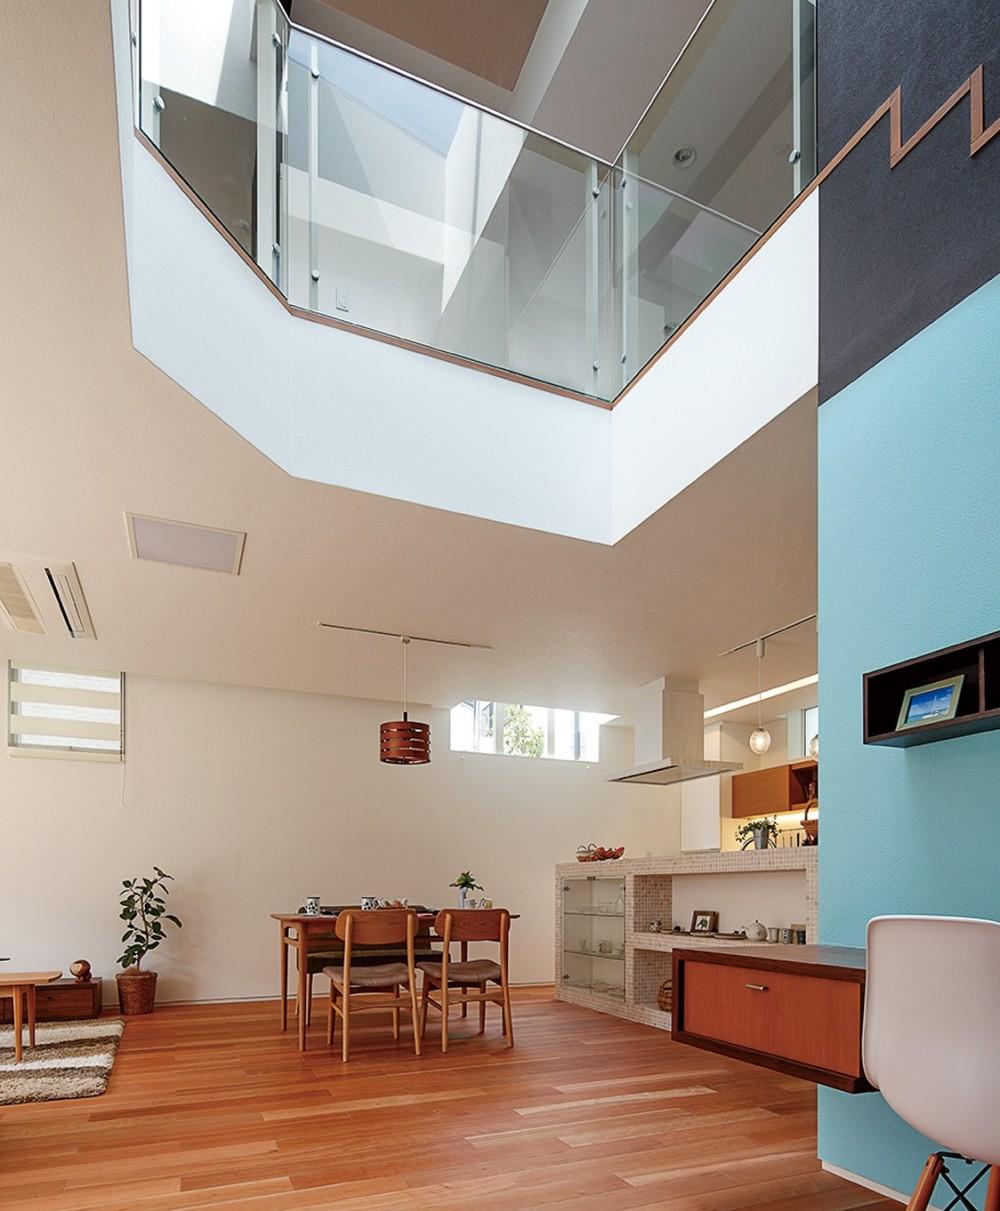 仕事場のある住まい|あなたの場所・自分の居場所を創る|みずみずしいブルーが印象的なWorking Space (仕事場かリビングダイニングを見通す)